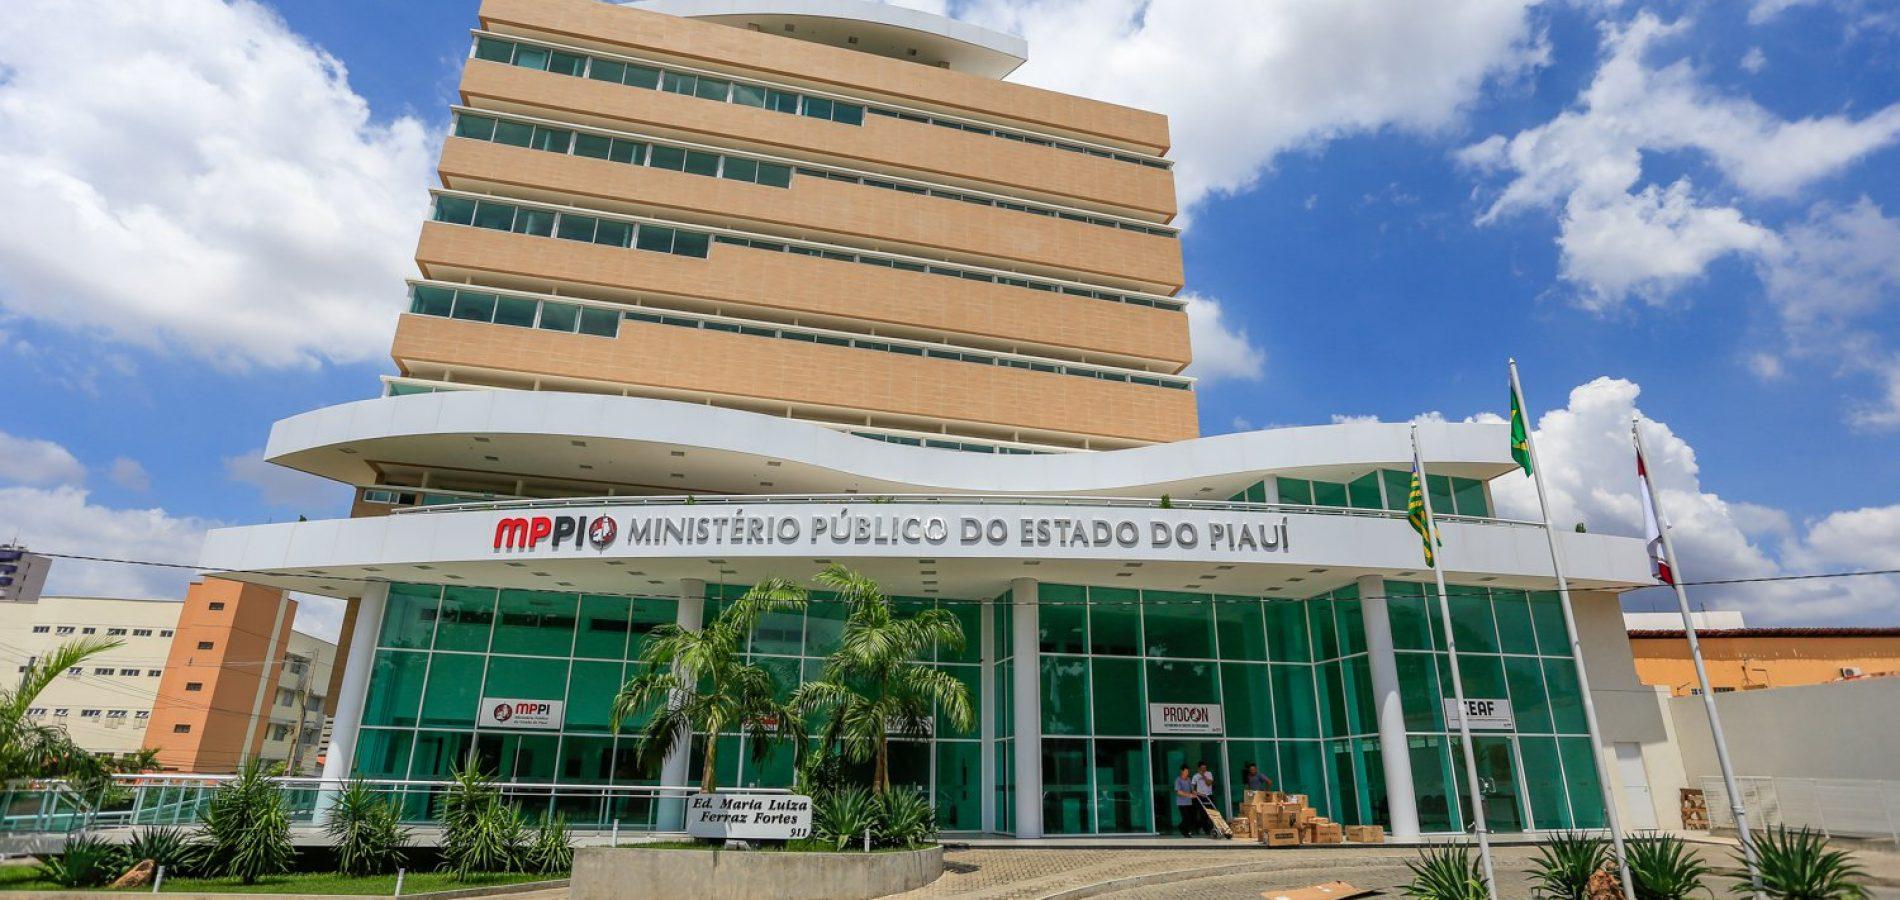 MP investiga cemitério clandestino em município no Piauí